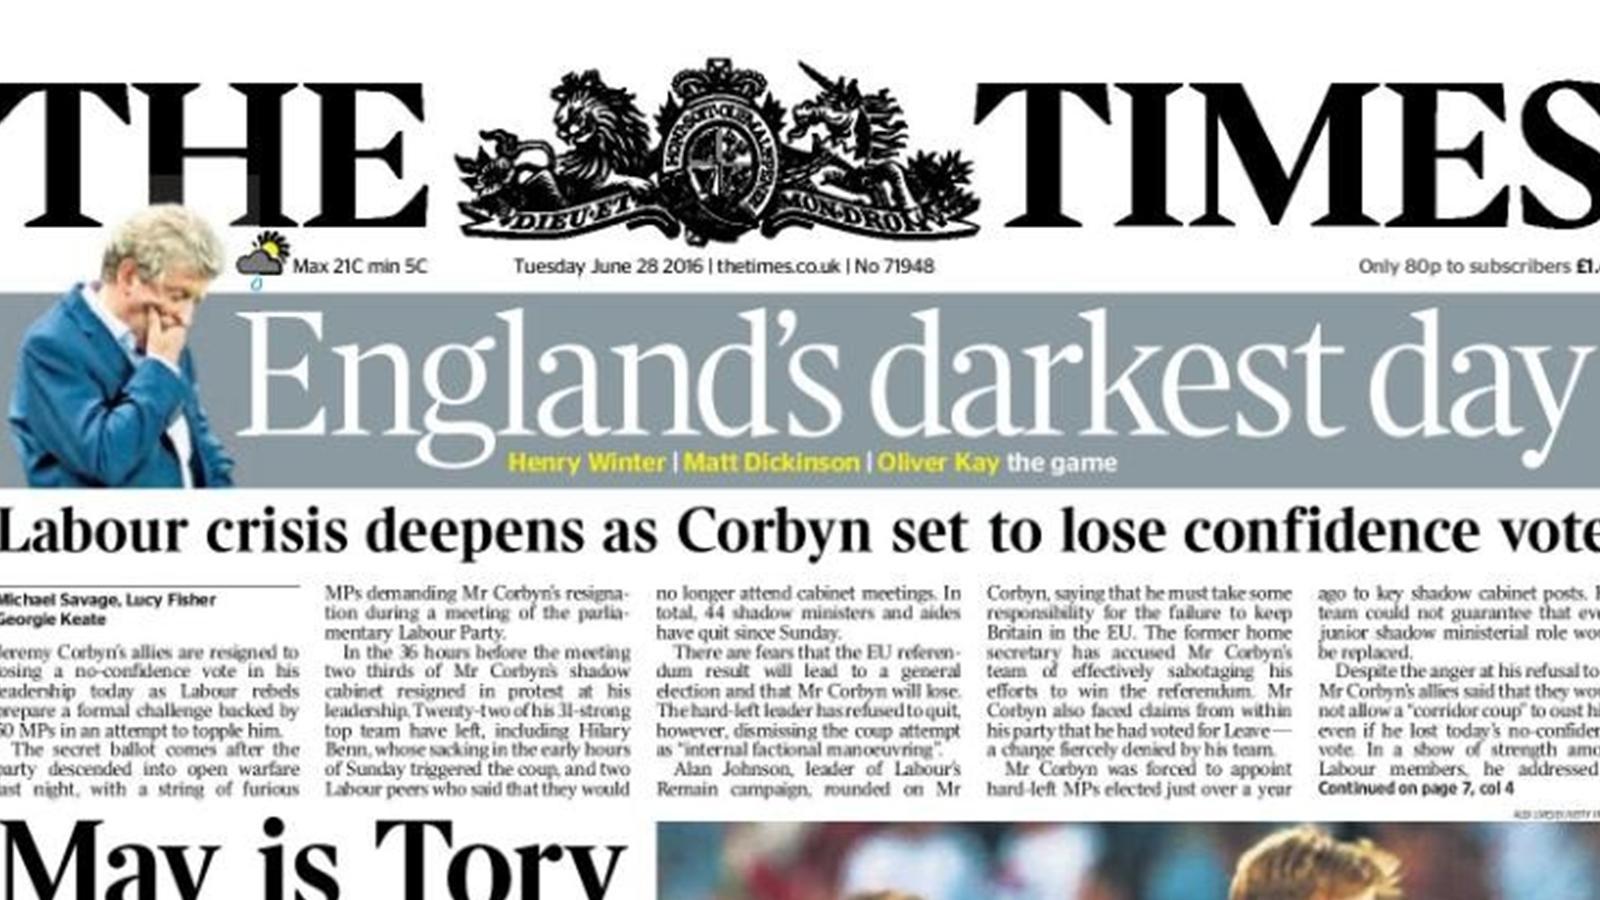 la honte l 39 humiliation le jour le plus sombre la presse anglaise fustige sa s lection. Black Bedroom Furniture Sets. Home Design Ideas